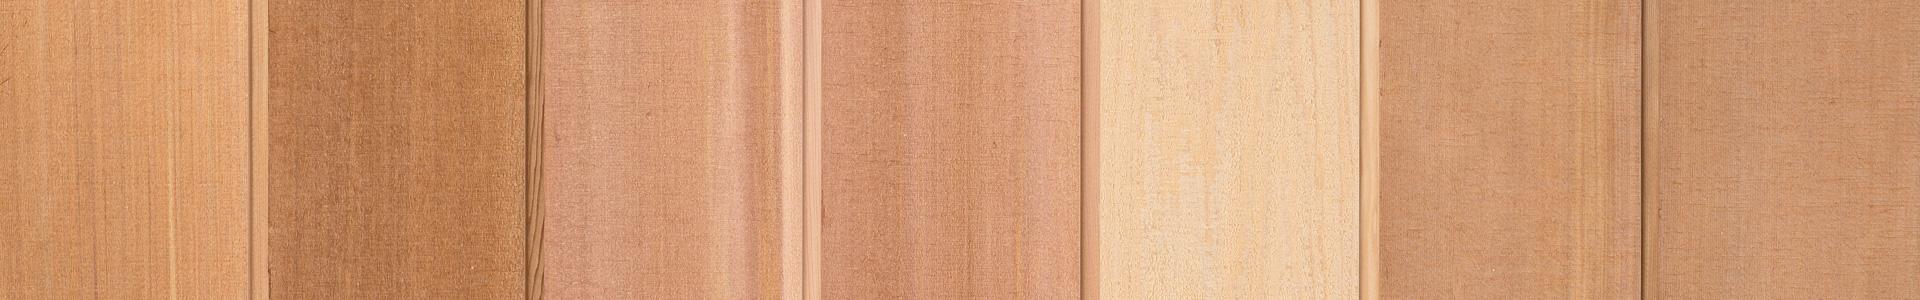 Rakkantad cederpanel 17,5x140 mm. Kärnsund Wood Link